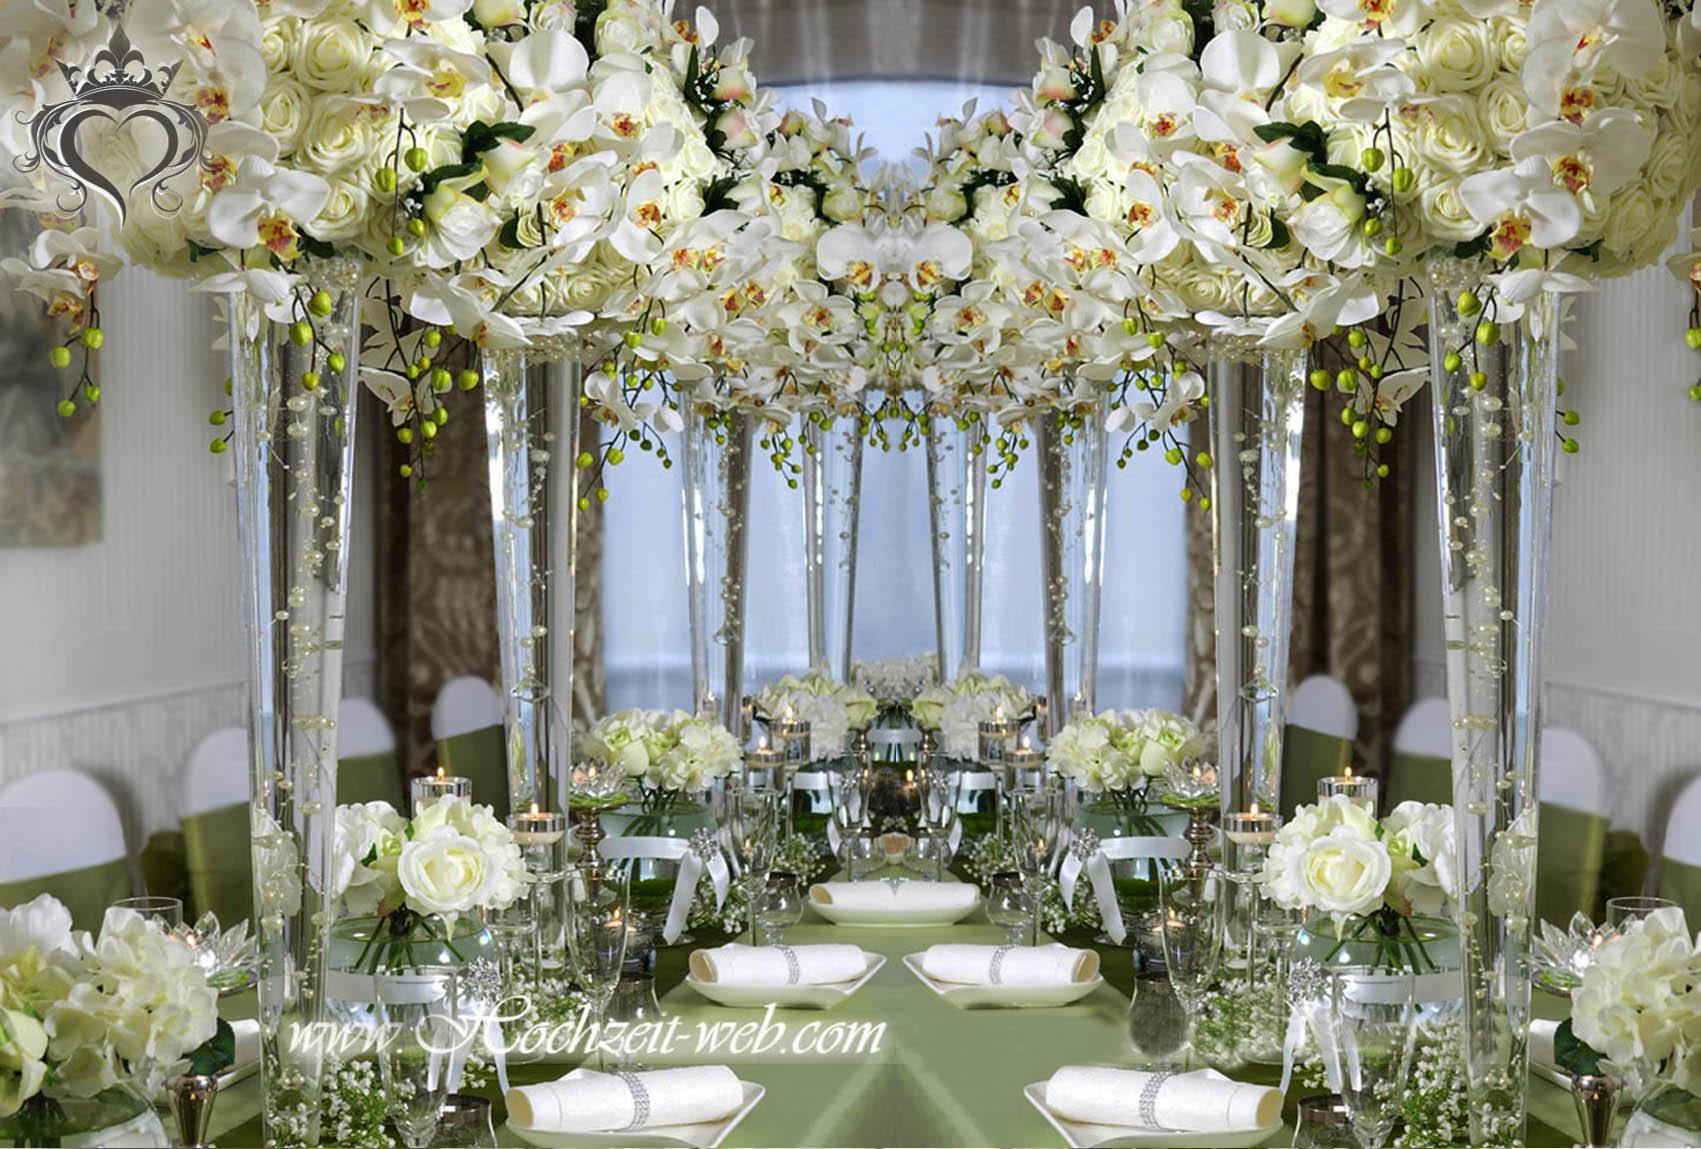 Hochzeitsdekoration Deko Hochzeit Hellgruen  Orchidee Teelichterhalter